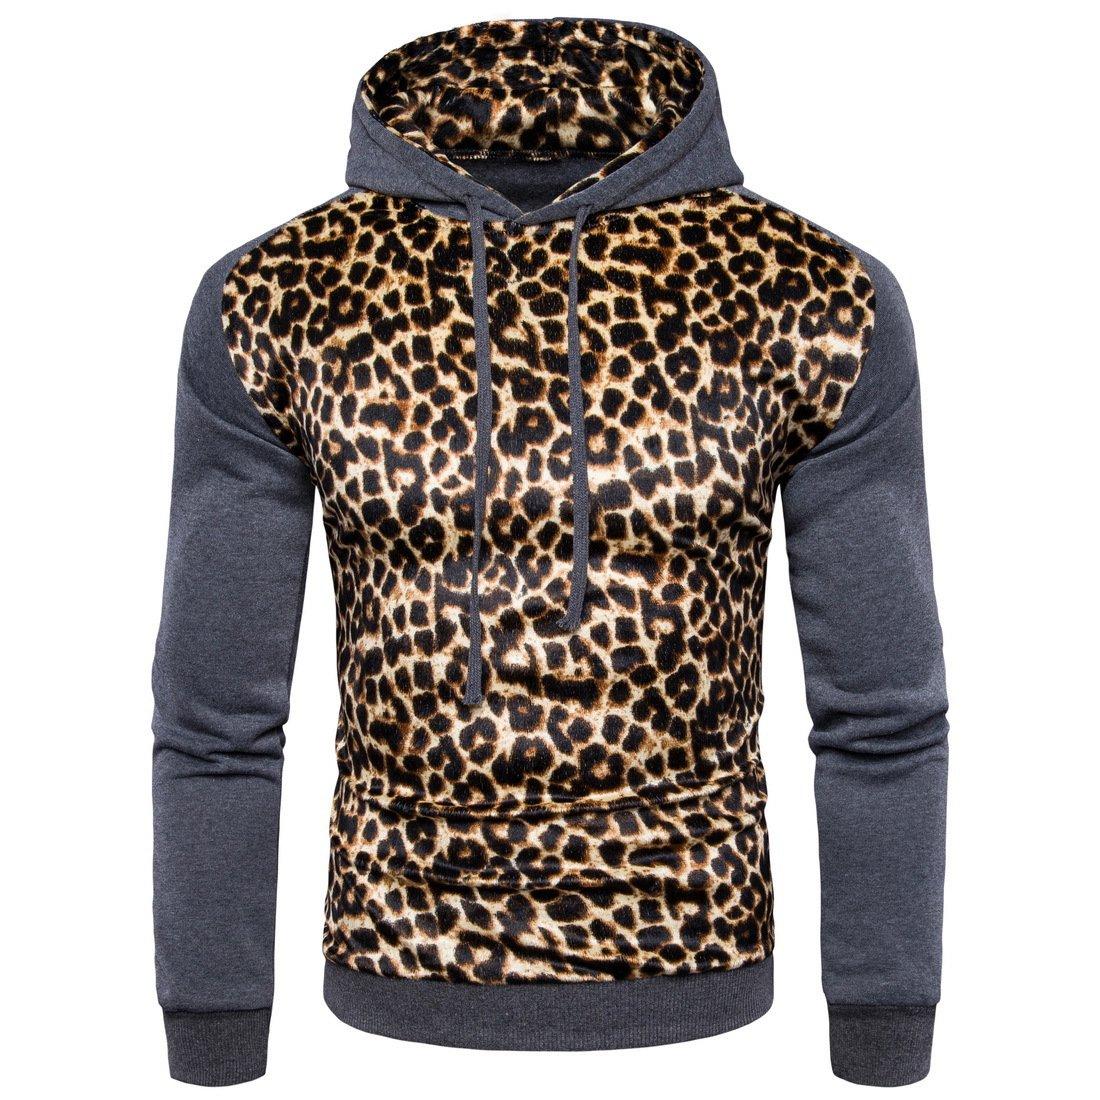 VB Sweatshirt Hoodie hat Freizeitaktivitäten Long Sleeve Gurt elastischen Stoß Farbe